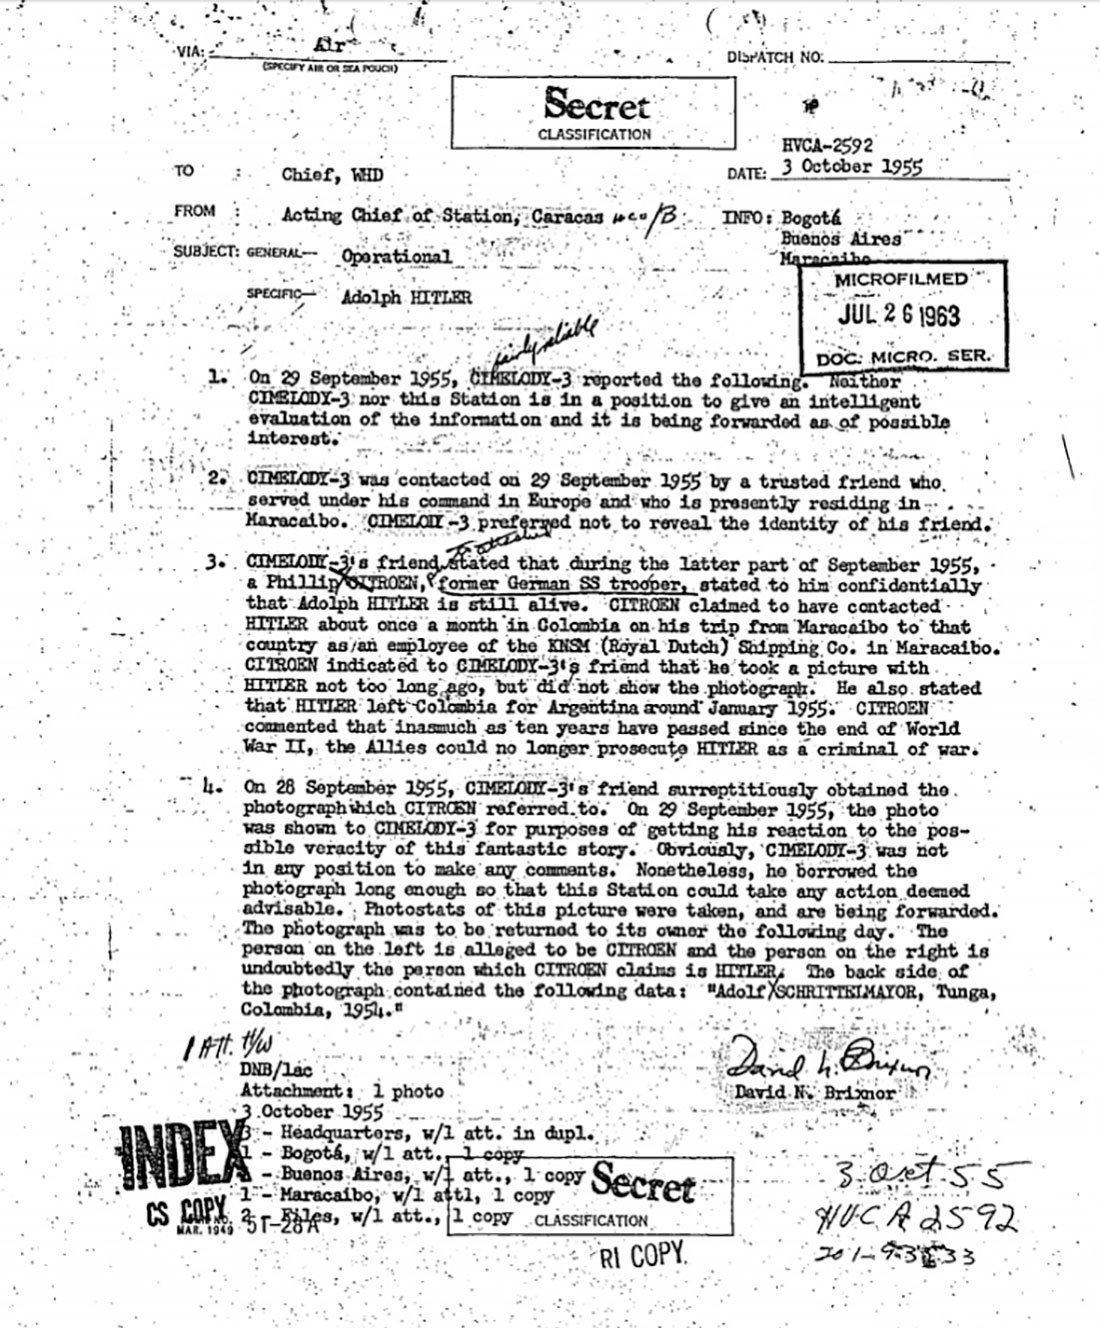 Trecho do relatório da CIA sobre a possível presença de Hitler na América do Sul